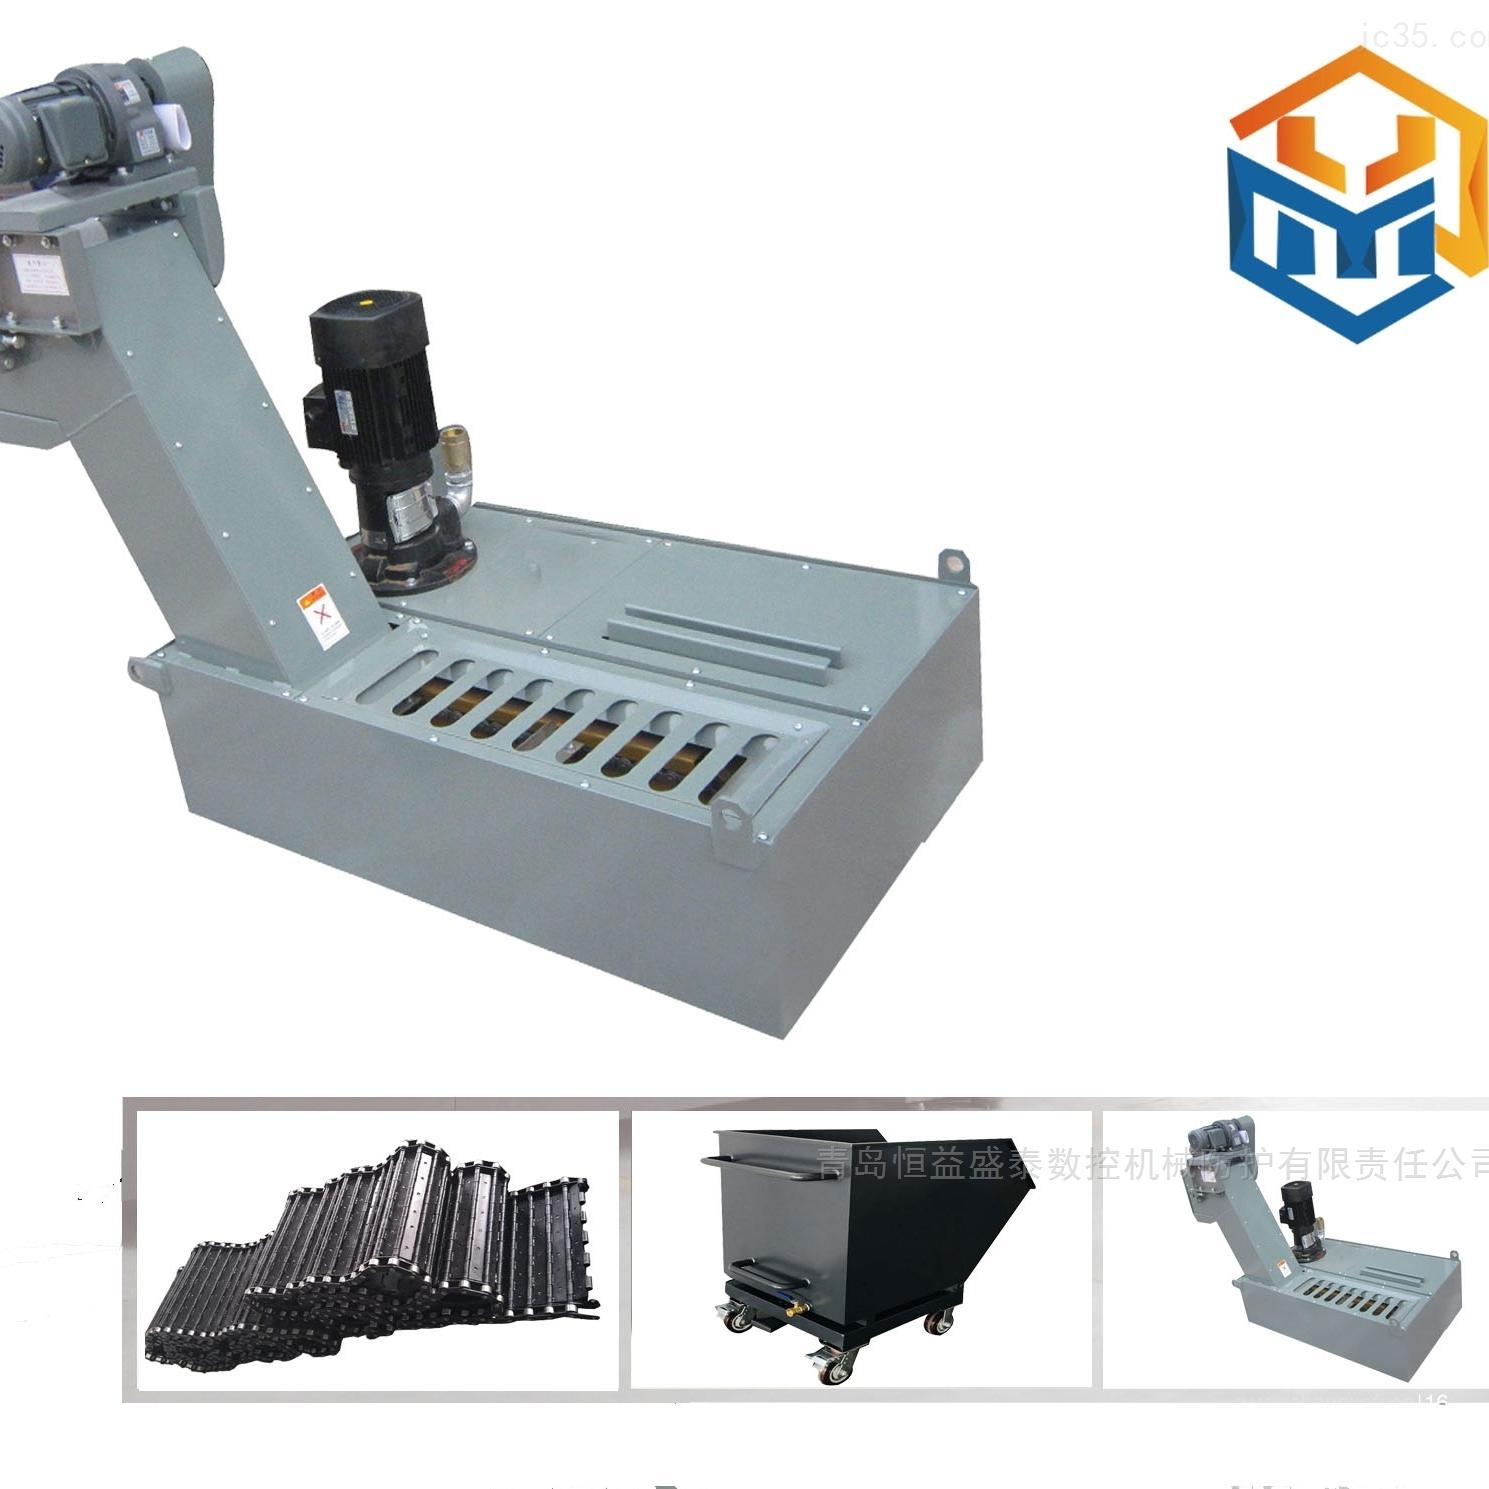 CNC数控机床除屑机床排屑机